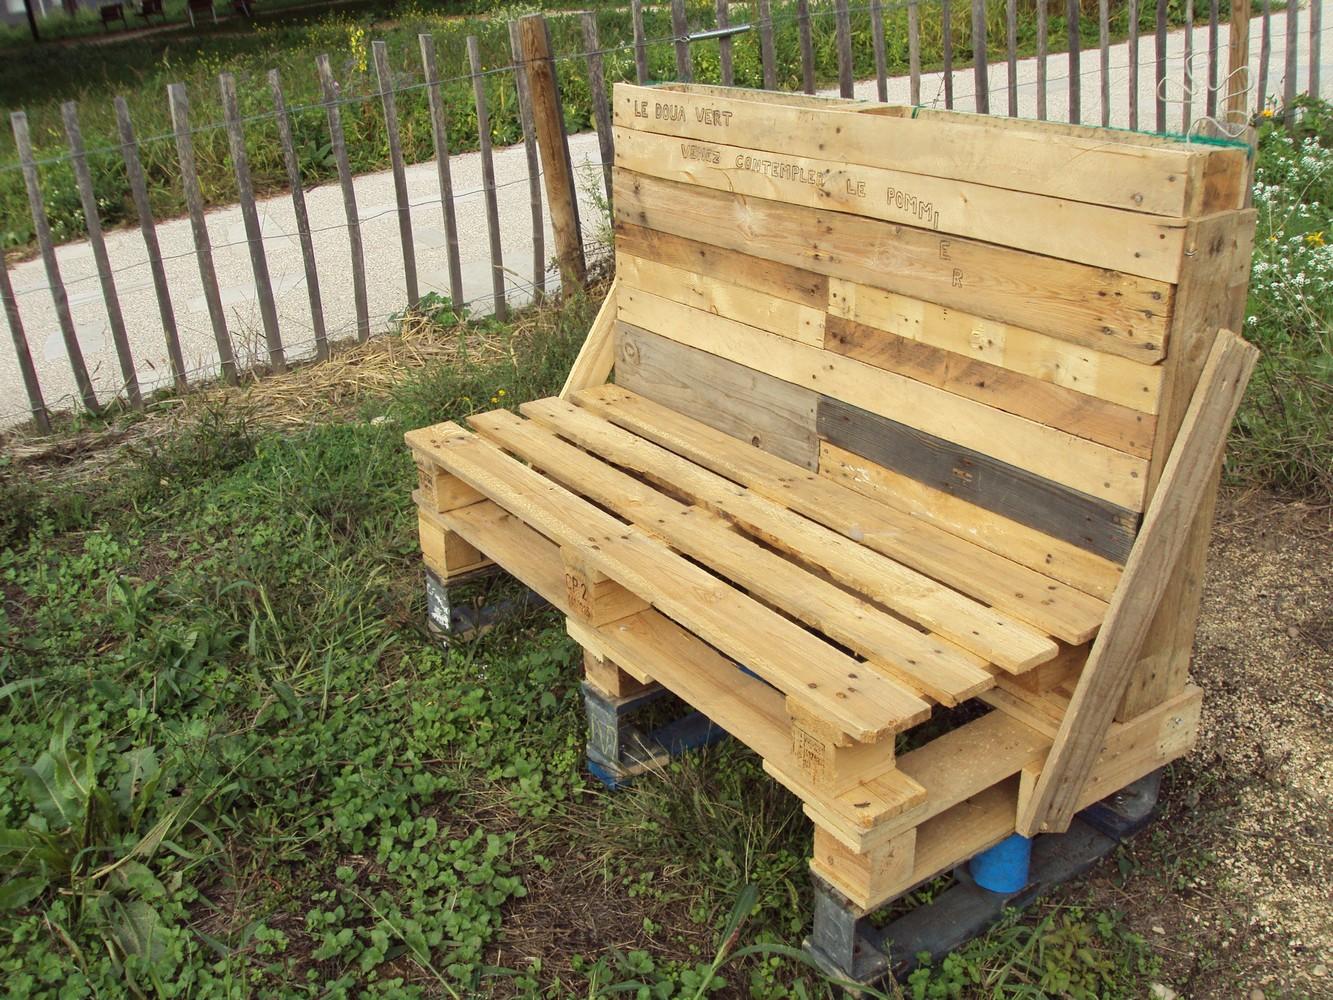 fabrication d un banc de jardin en bois les. Black Bedroom Furniture Sets. Home Design Ideas